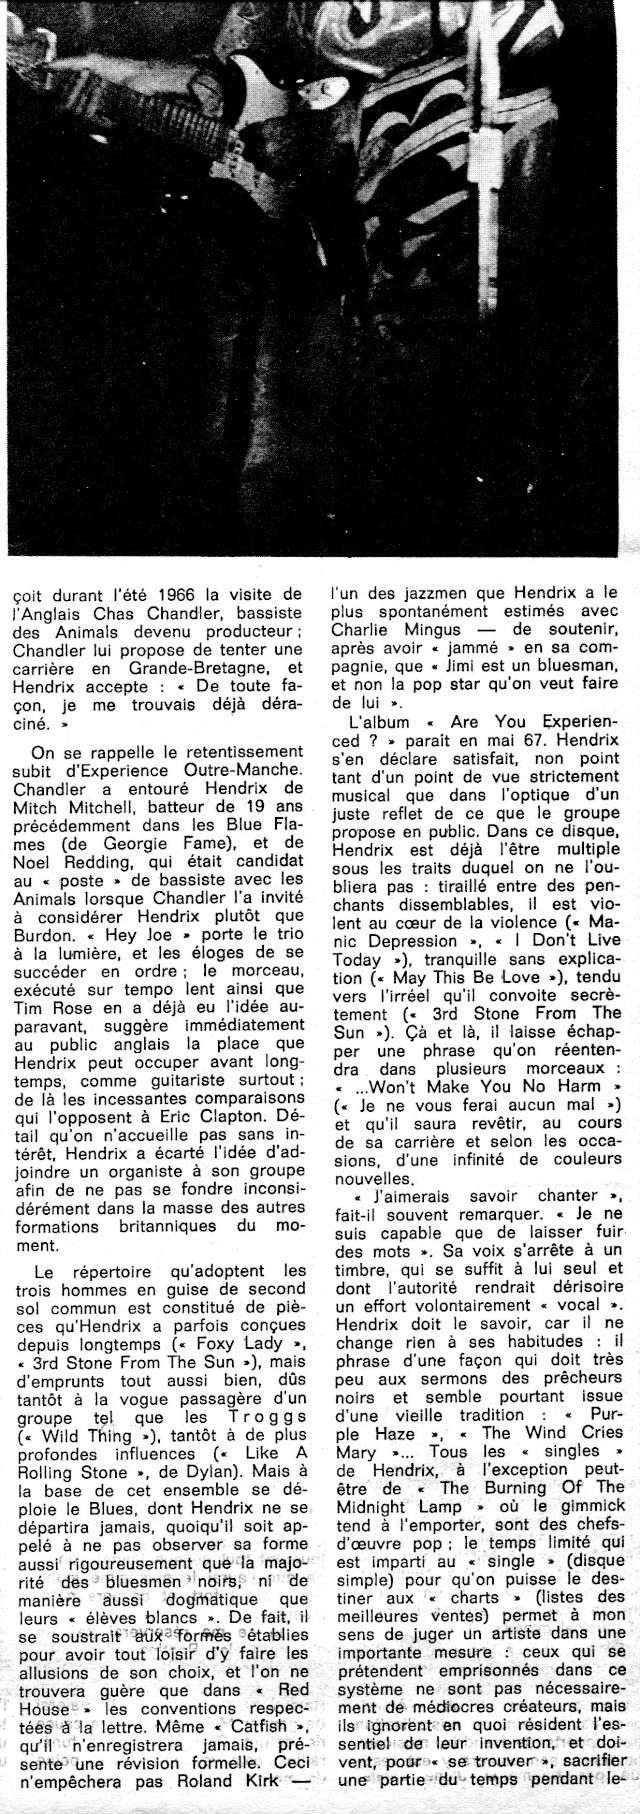 Jimi Hendrix dans la presse musicale française des années 60, 70 & 80 Pm_19411